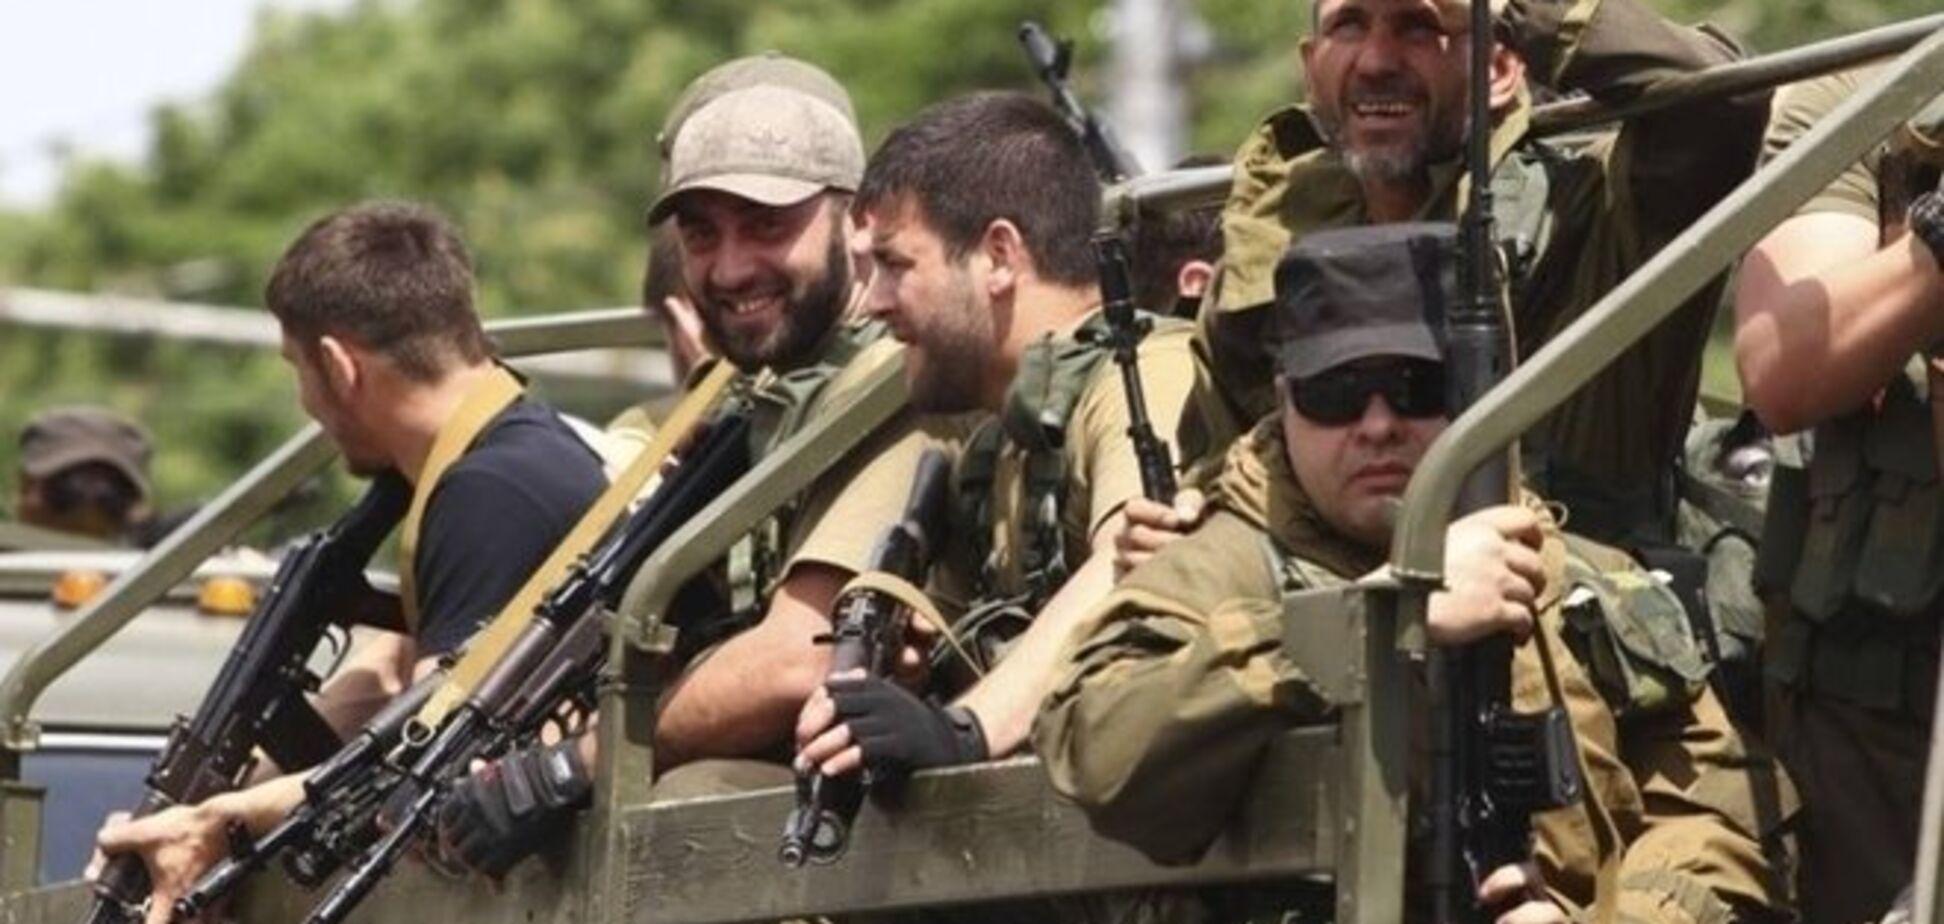 Терористи виконують замовлення Кремля на гуманітарну катастрофу в Донбасі - ІС